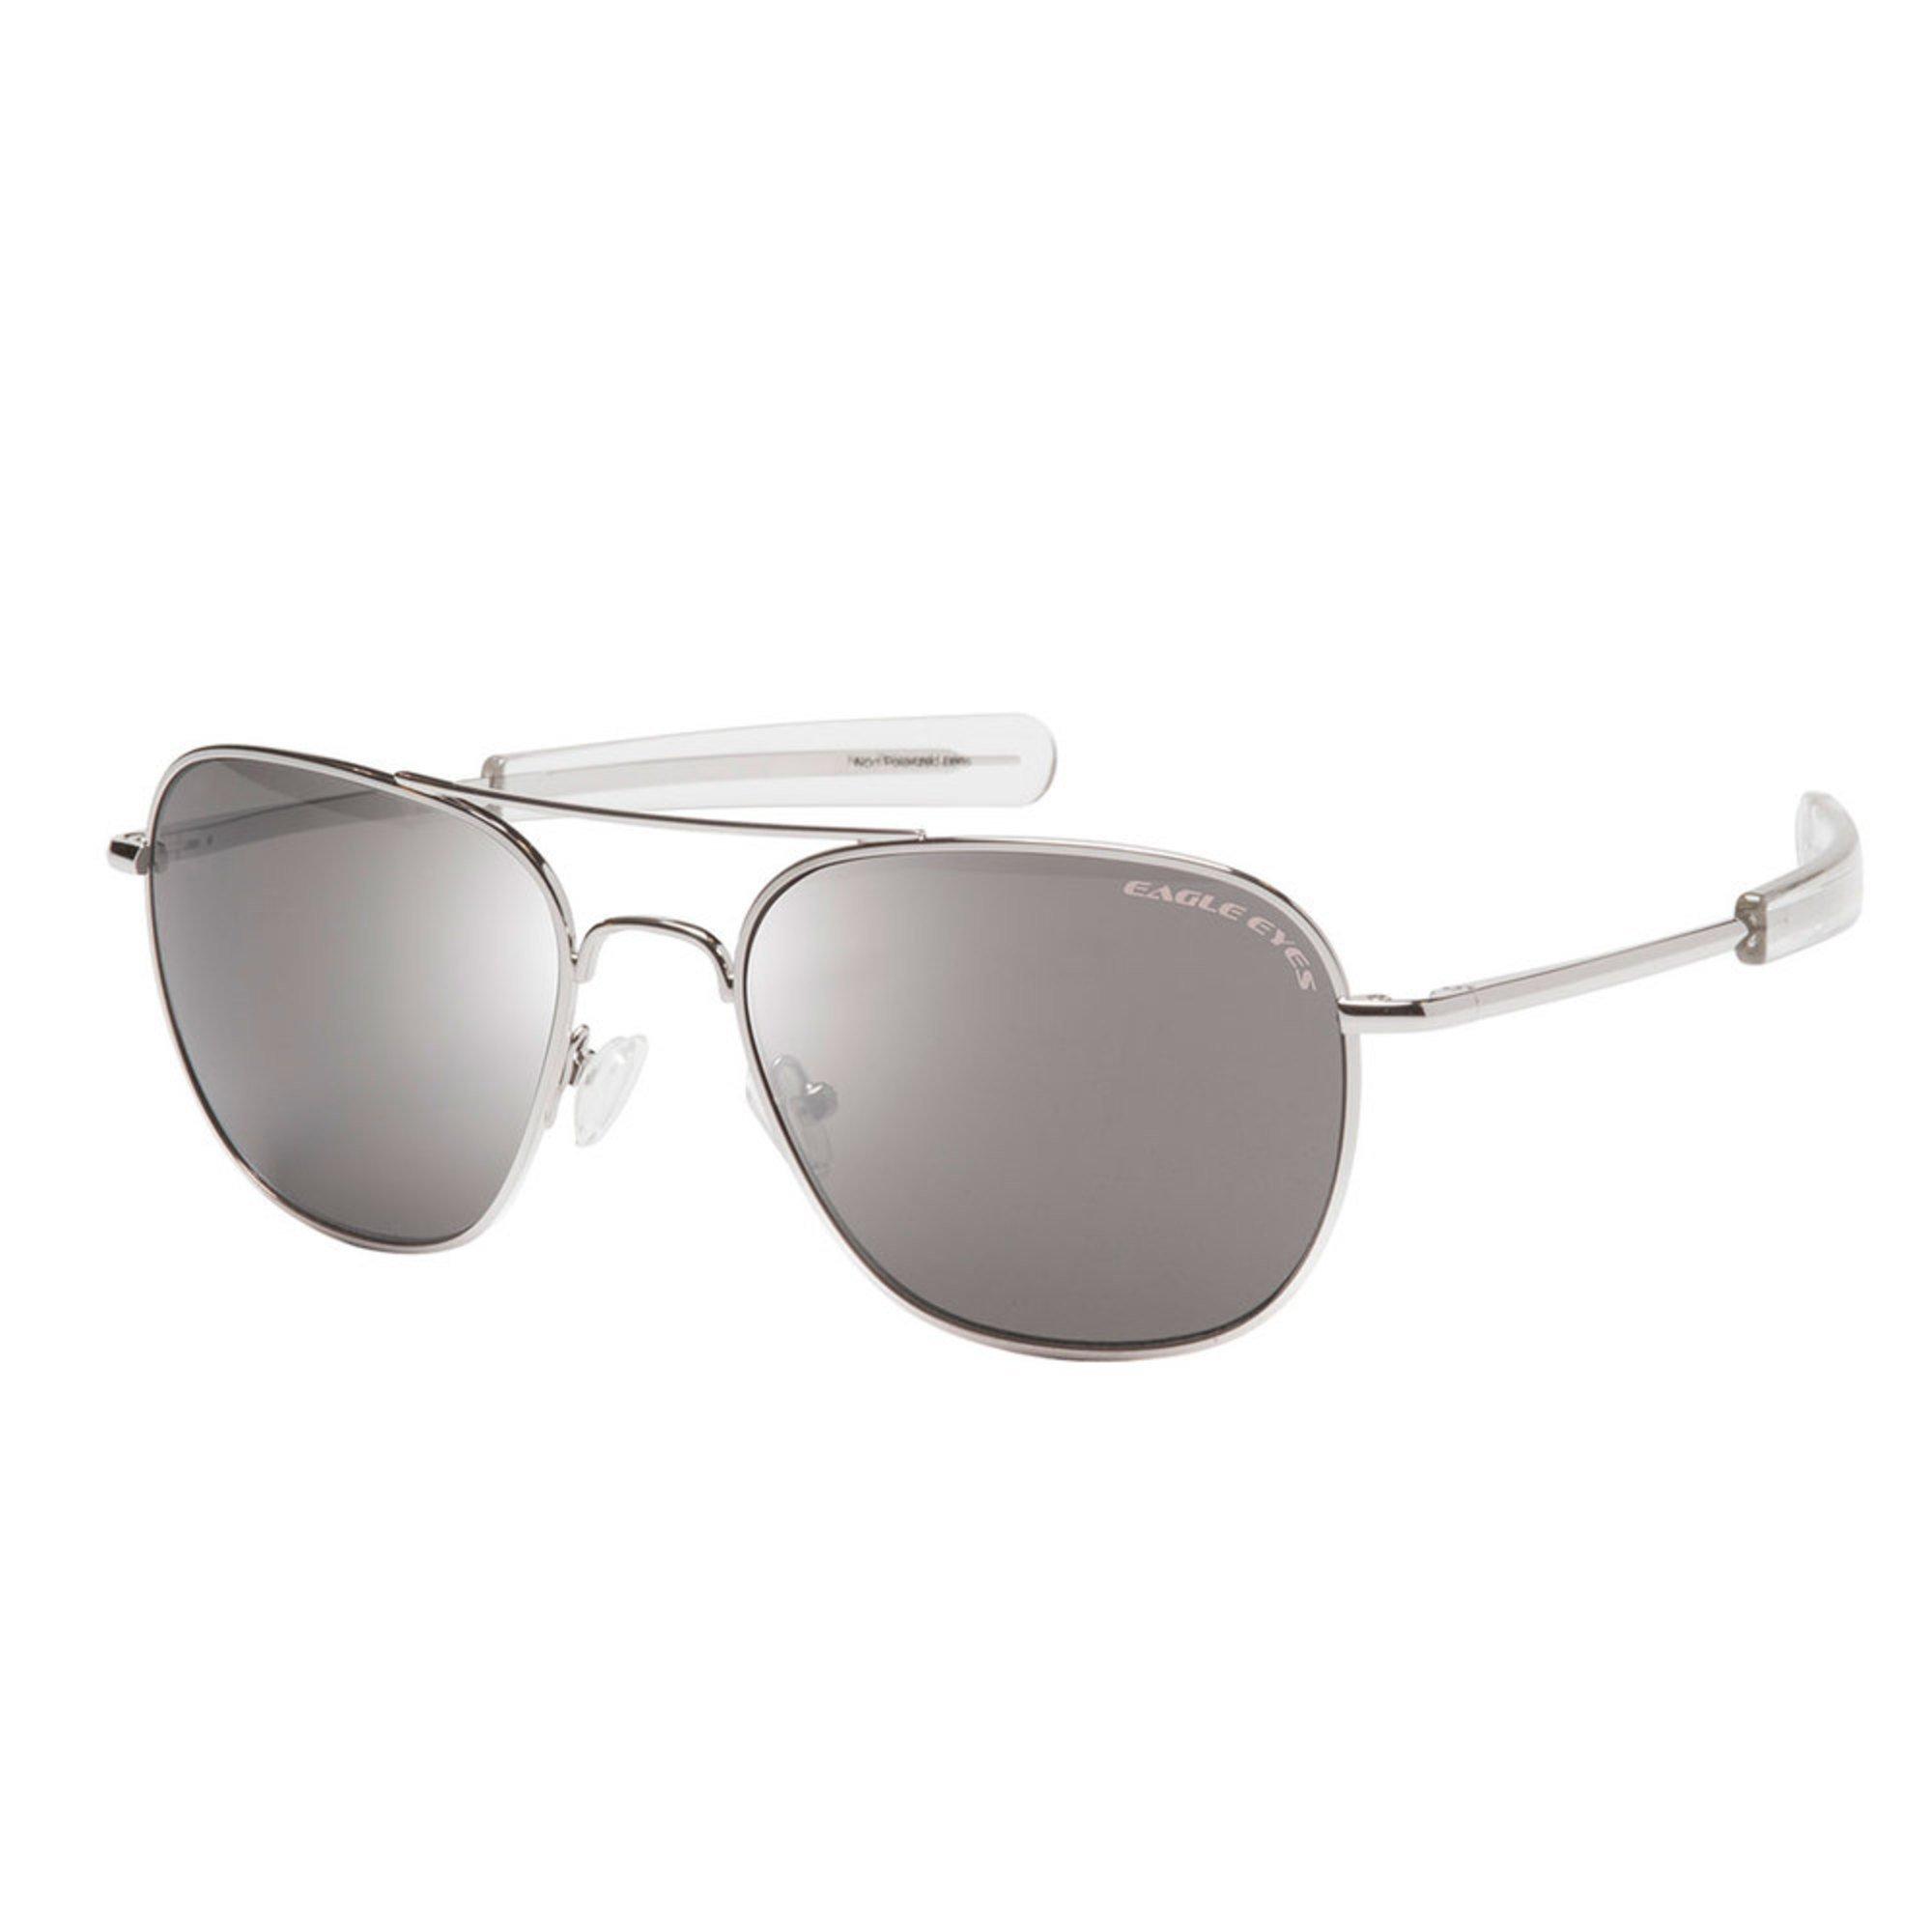 6c3cb91a83 Eagle Eyes. Eagle Eyes Unisex Freedom Sunglasses